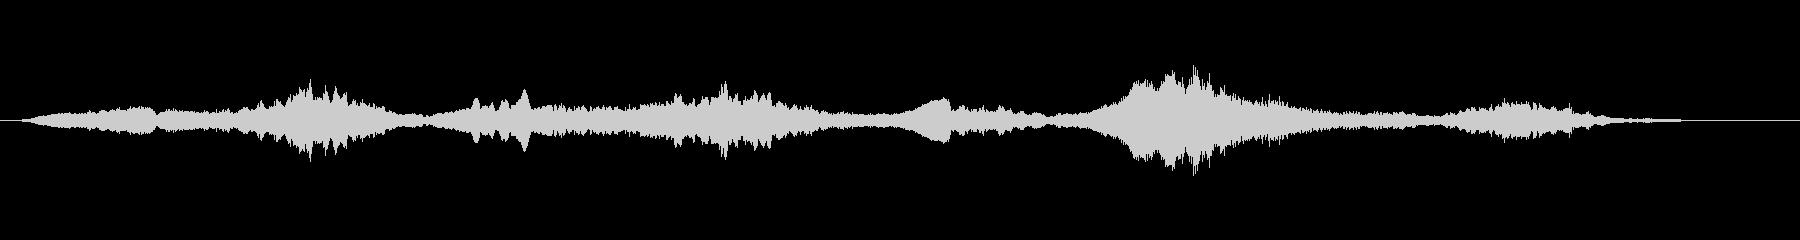 ヴァイオリンを使った短いジングルの未再生の波形